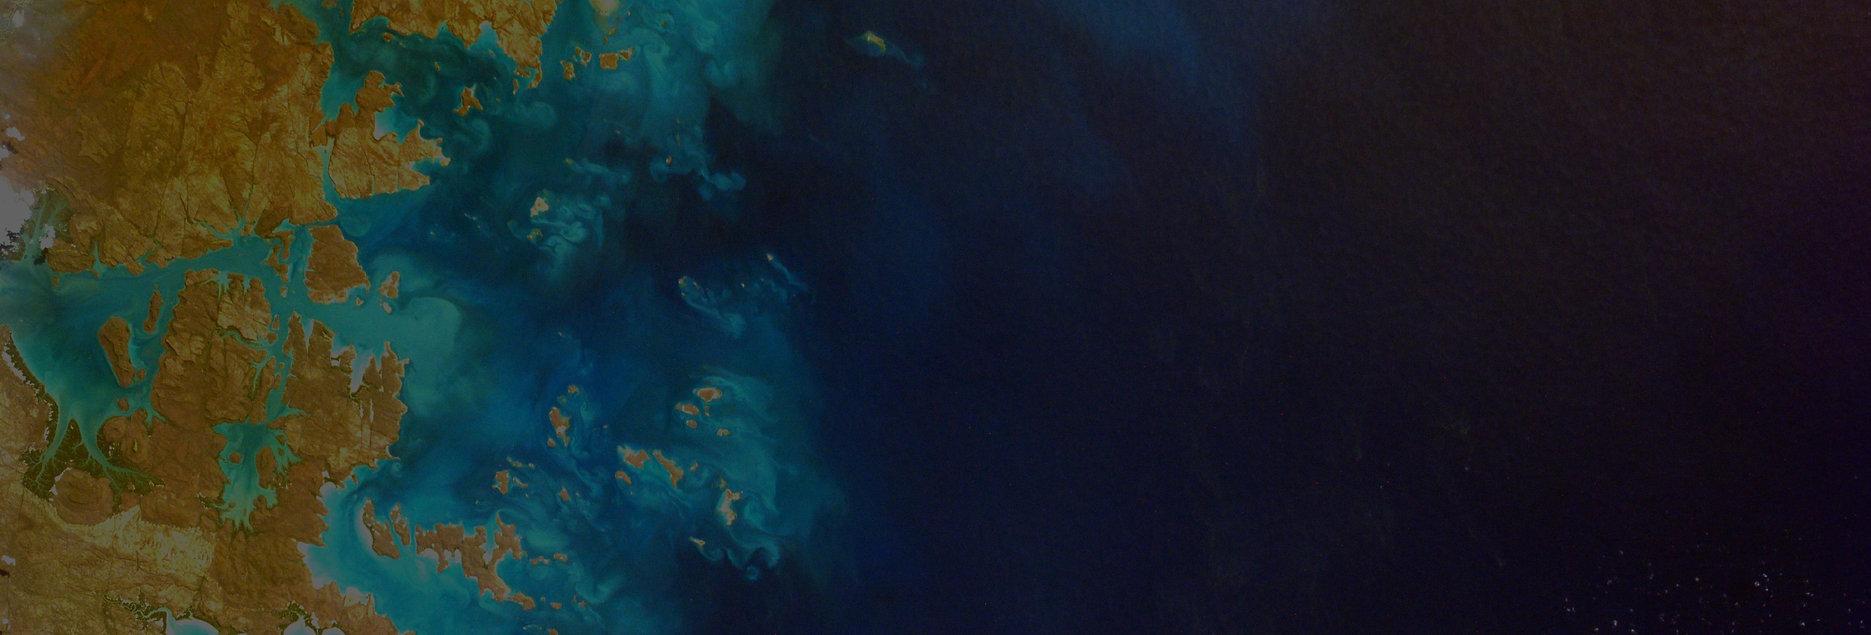 Sea2 2018-12-25.jpg